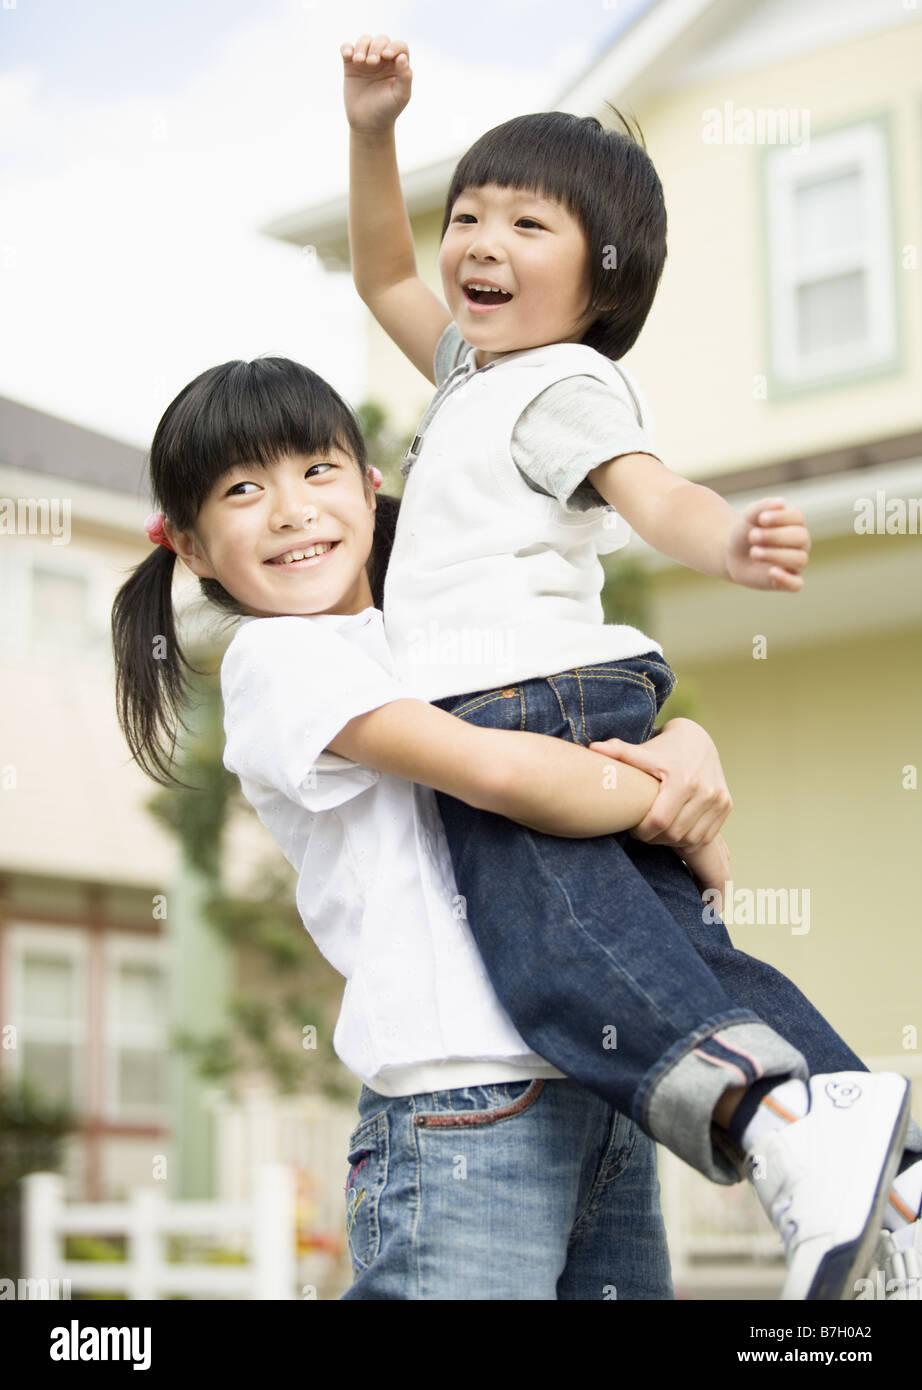 Sœur soulevant plus jeune frère Photo Stock